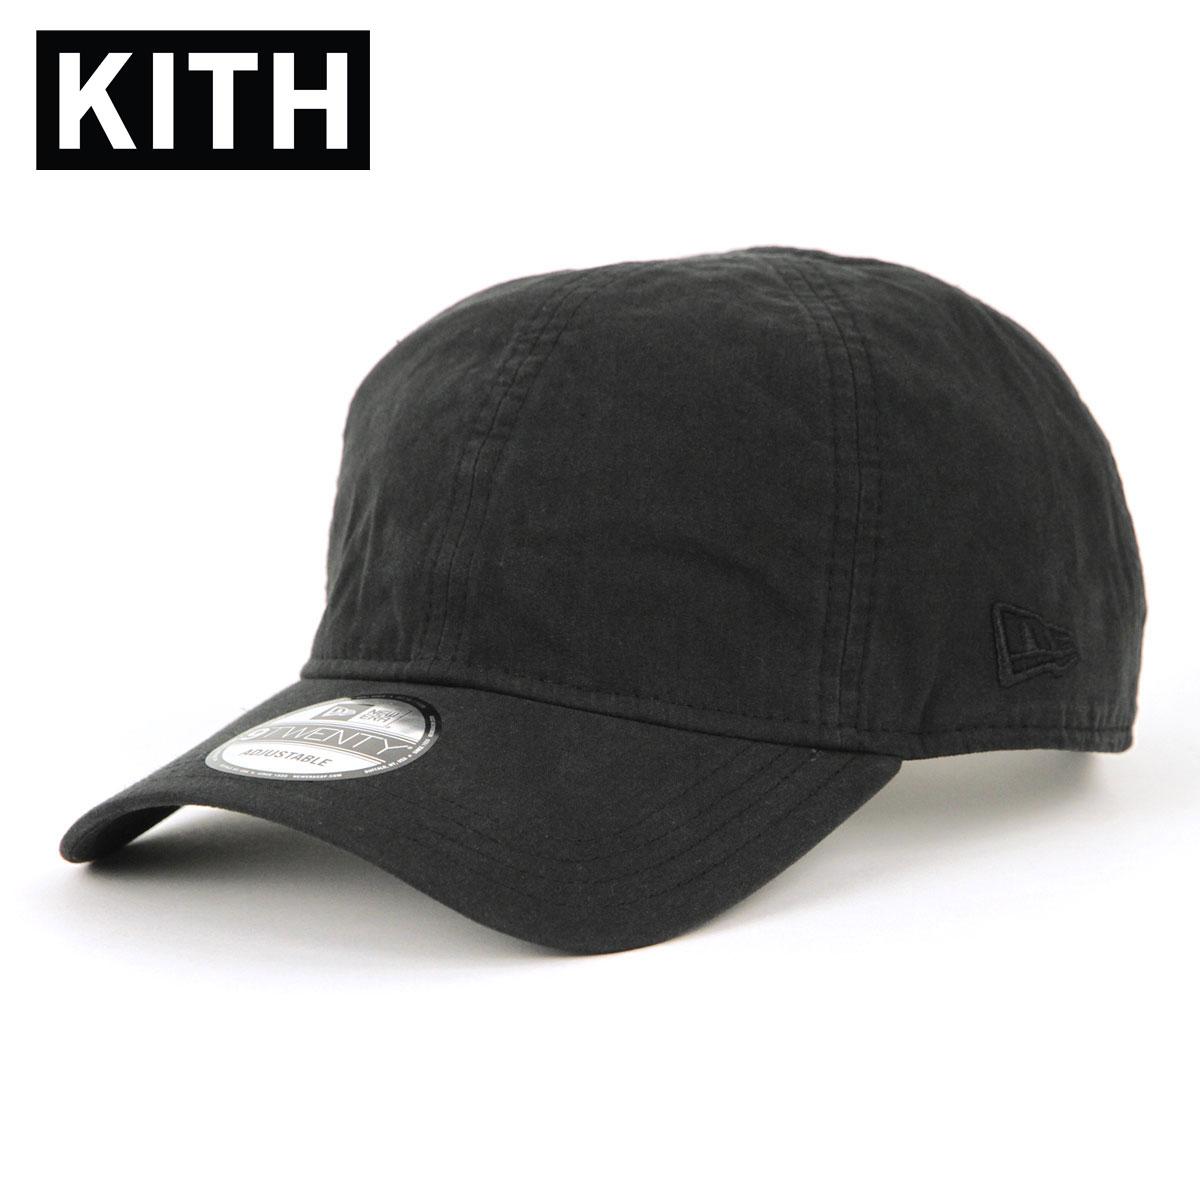 キス キャップ メンズ 正規品 KITH 帽子 KITH × NEW ERA NYC19 CAP 002 BLACK 父の日